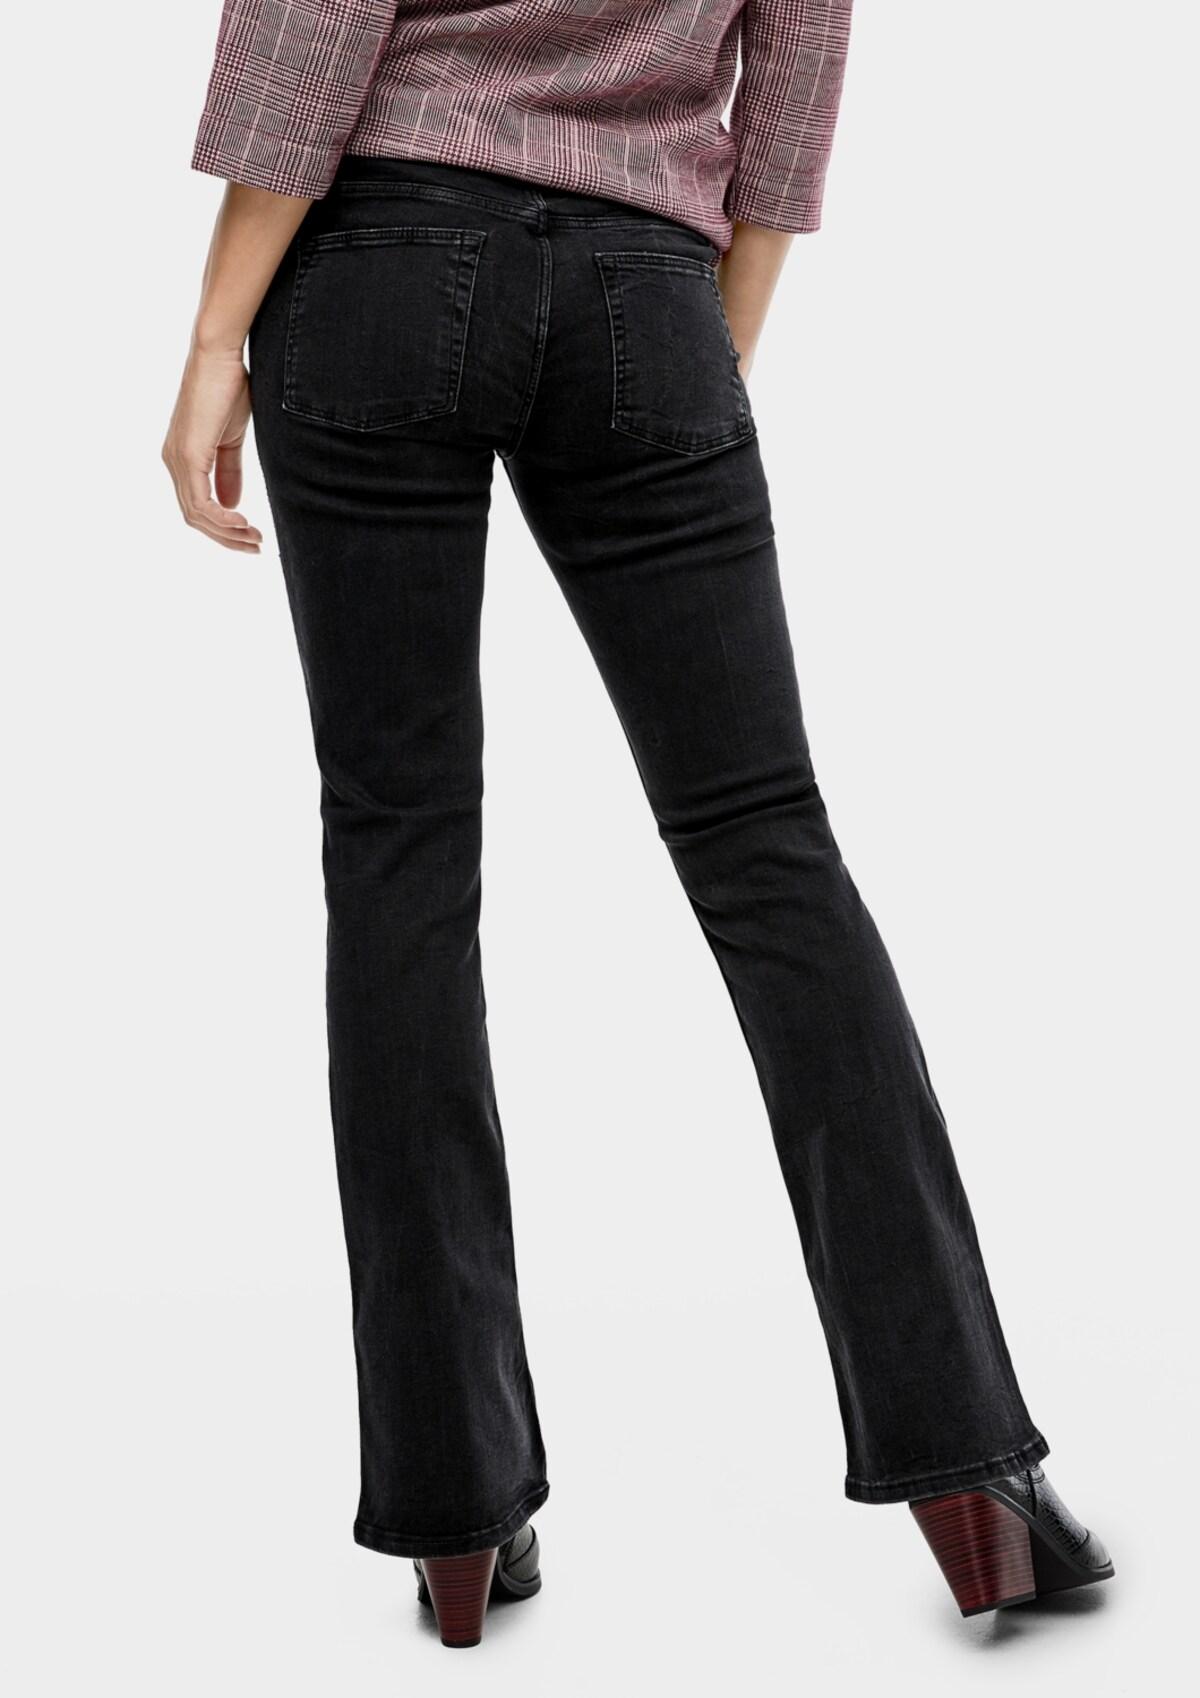 Beliebt Frauen Bekleidung s.Oliver Jeans in kobaltblau Zum Verkauf